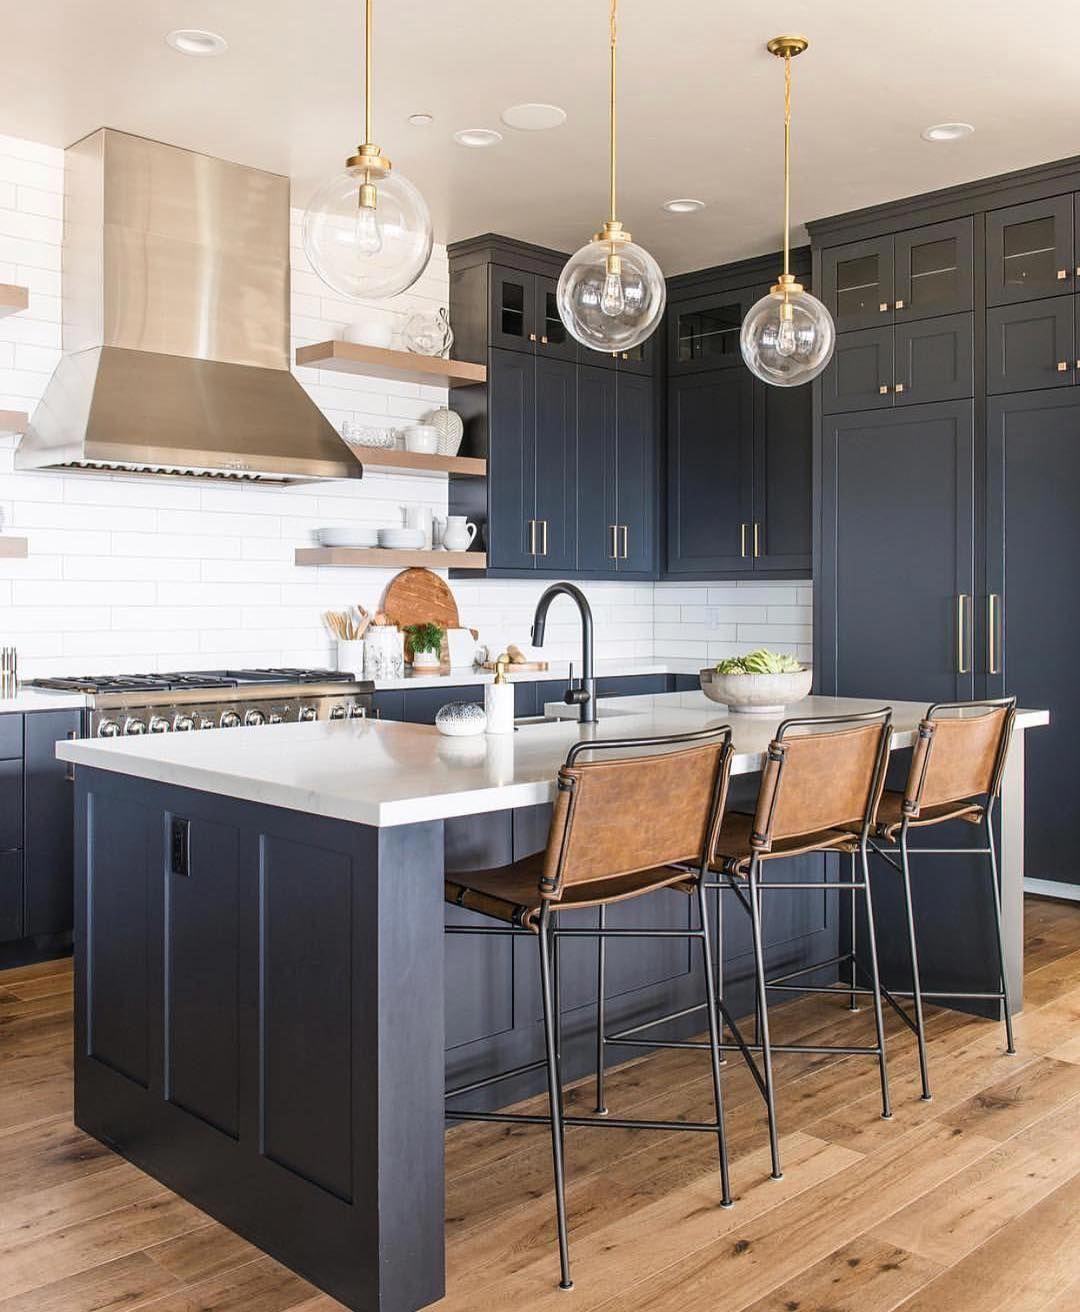 Western Home Decor Kitchen Setup Ideas Mens Kitchen Decor 20190422 Kitchen Window Design Industrial Kitchen Design Kitchen Restoration